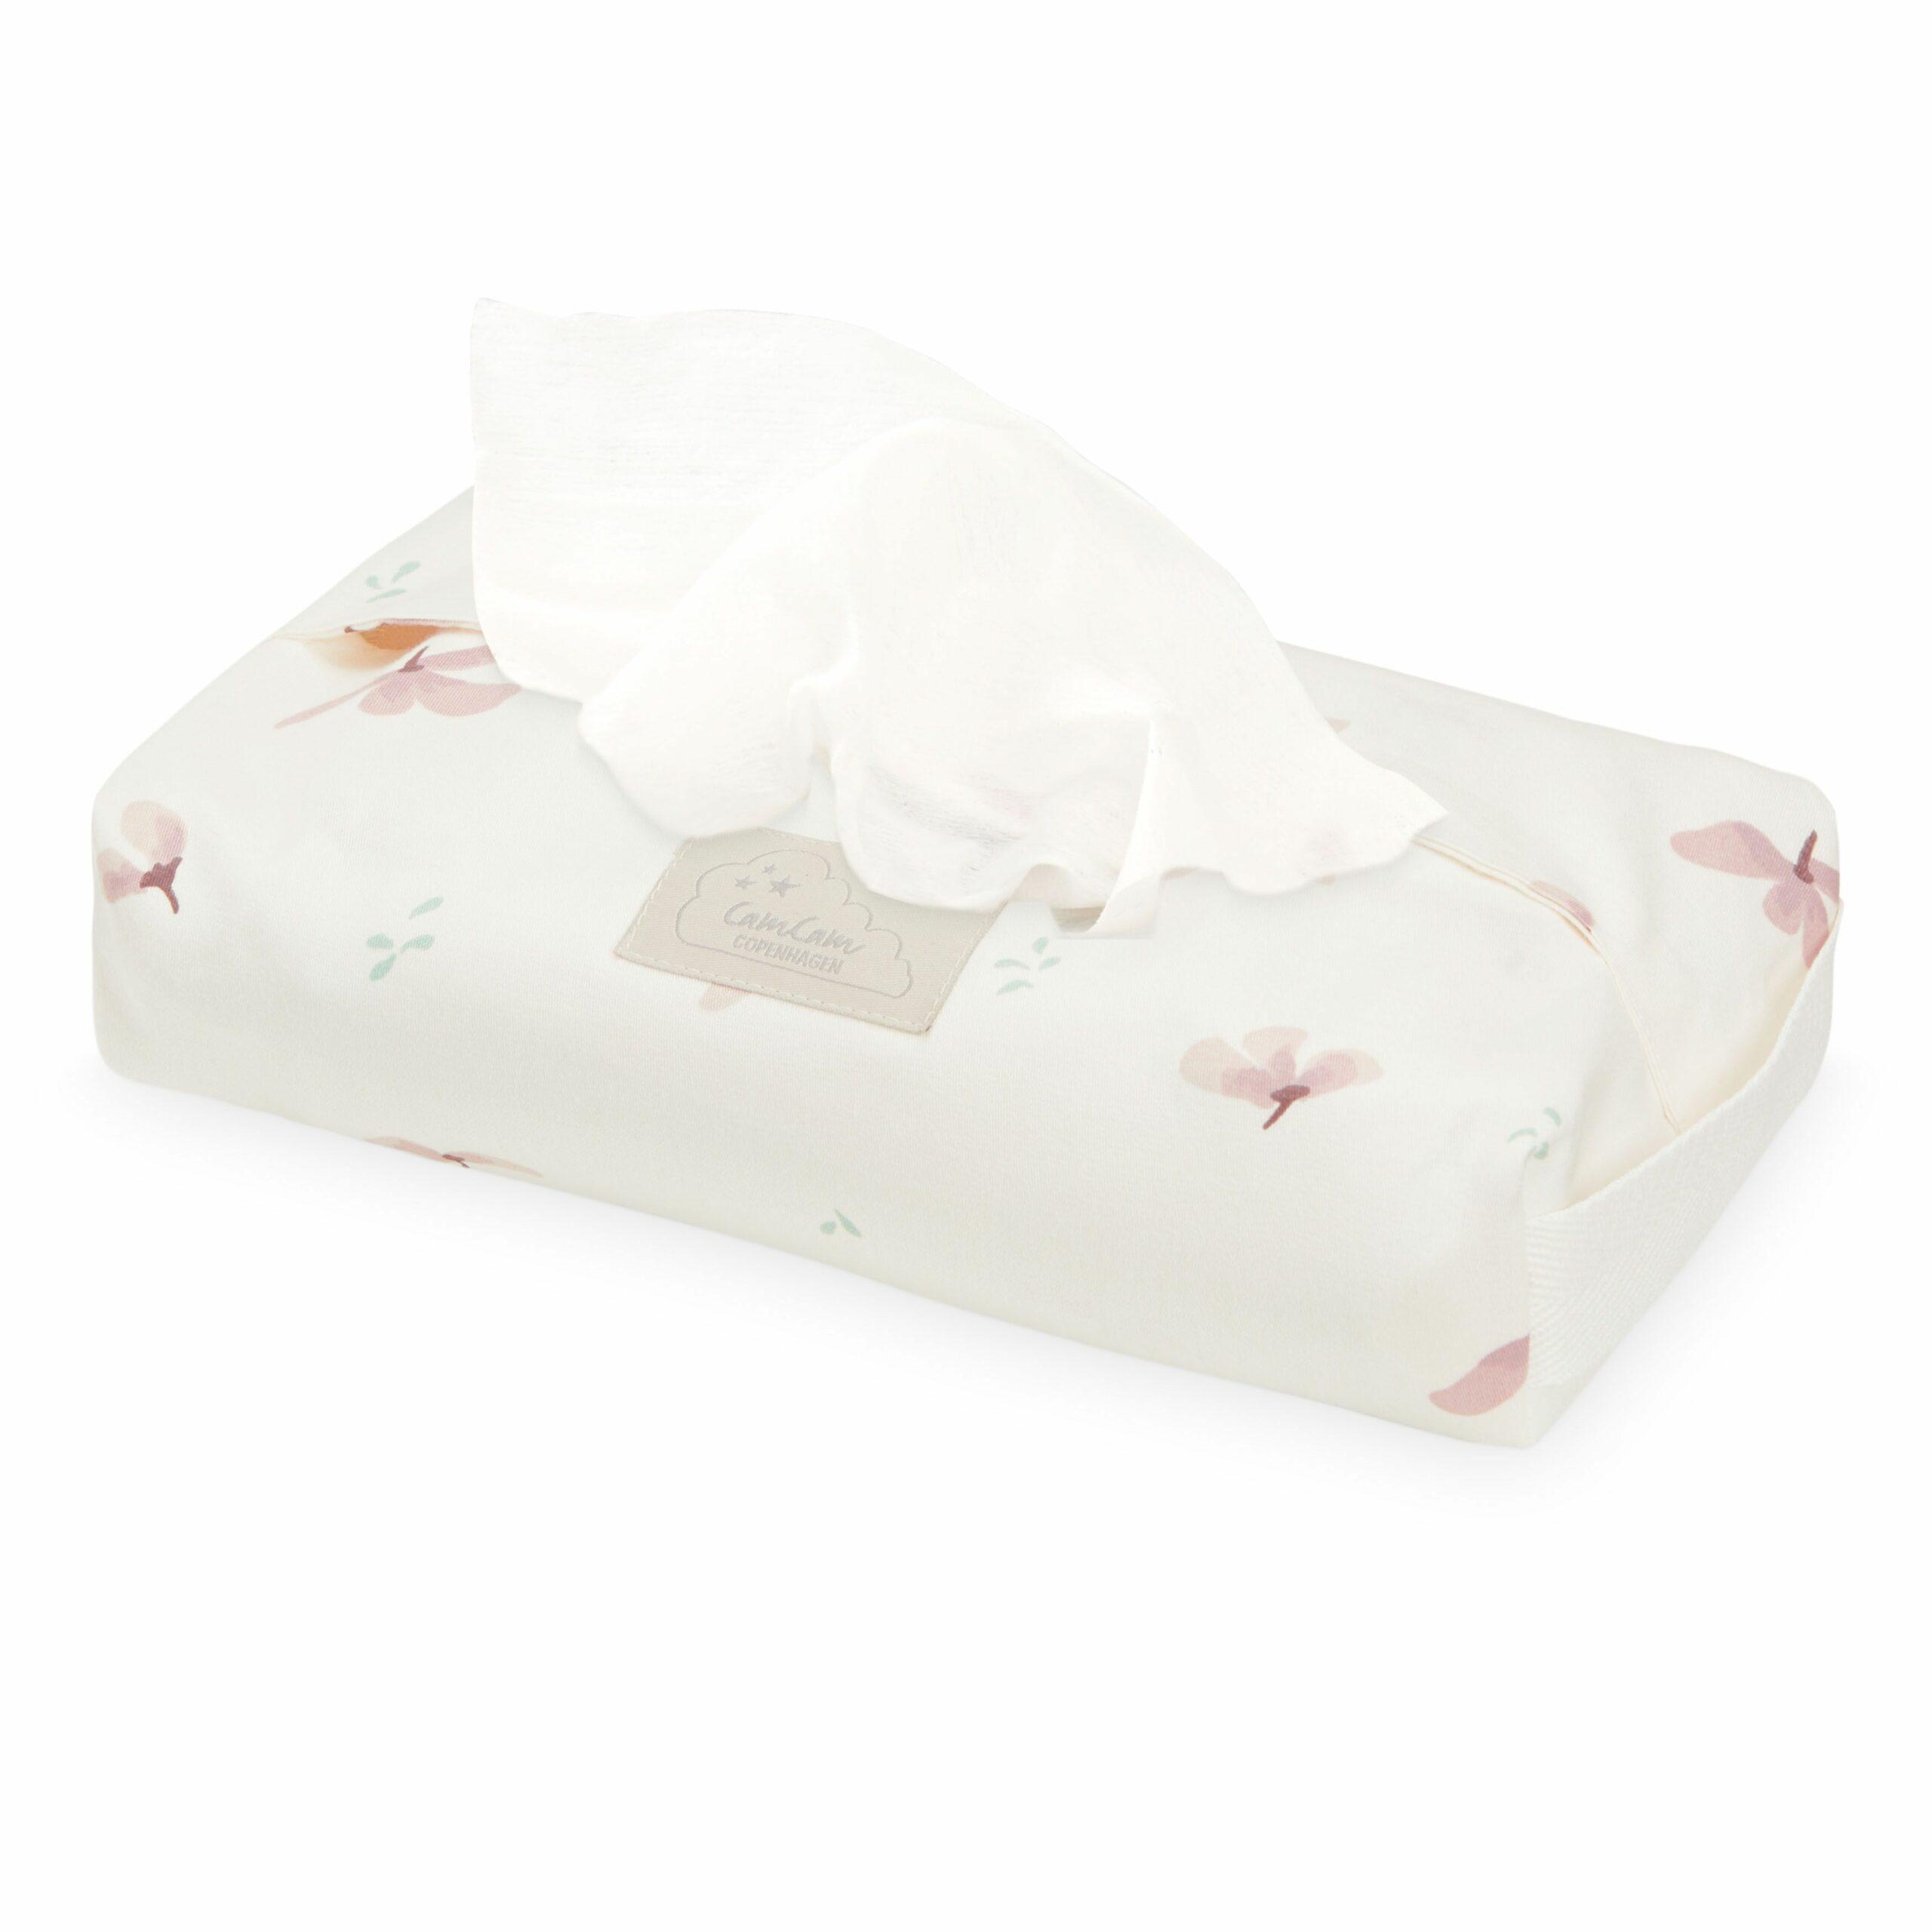 Afbeelding Hoes voor vochtige doekjes Windflower Cream